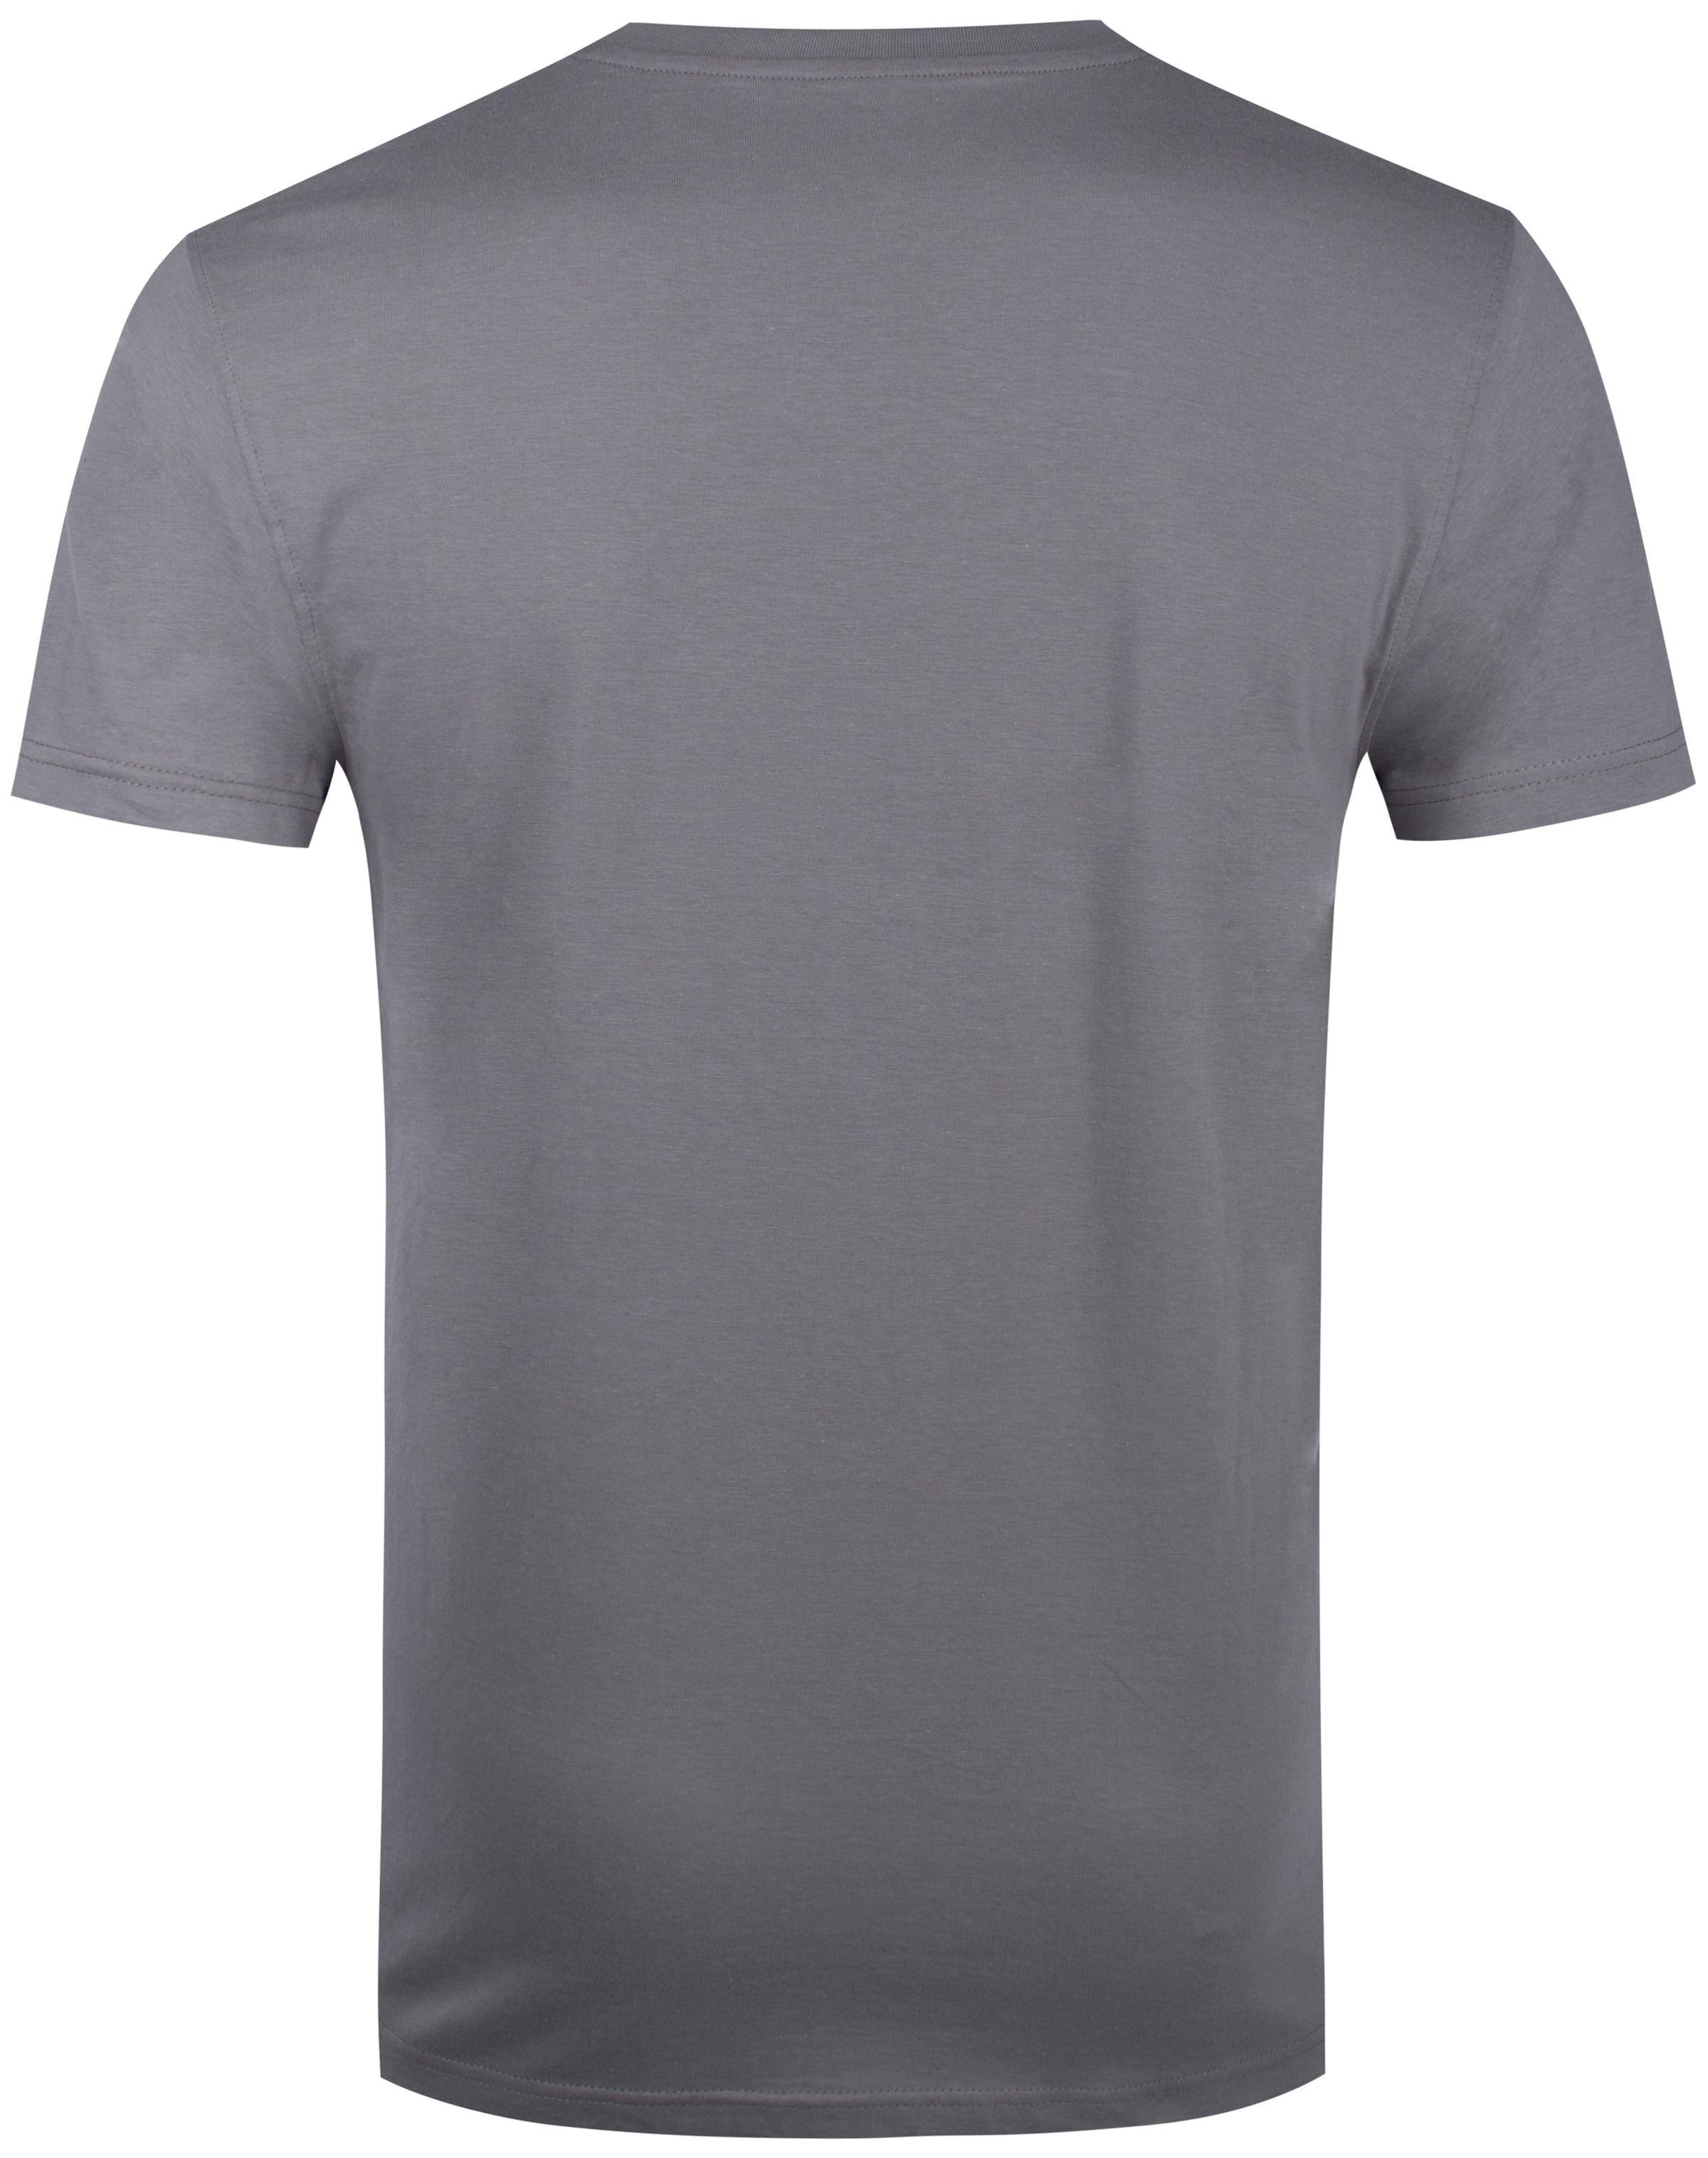 SOULSTAR T-Shirt 2018 Neuesten Zum Verkauf Hyper Online Angebote Online Niedrig Versandkosten YrGOb